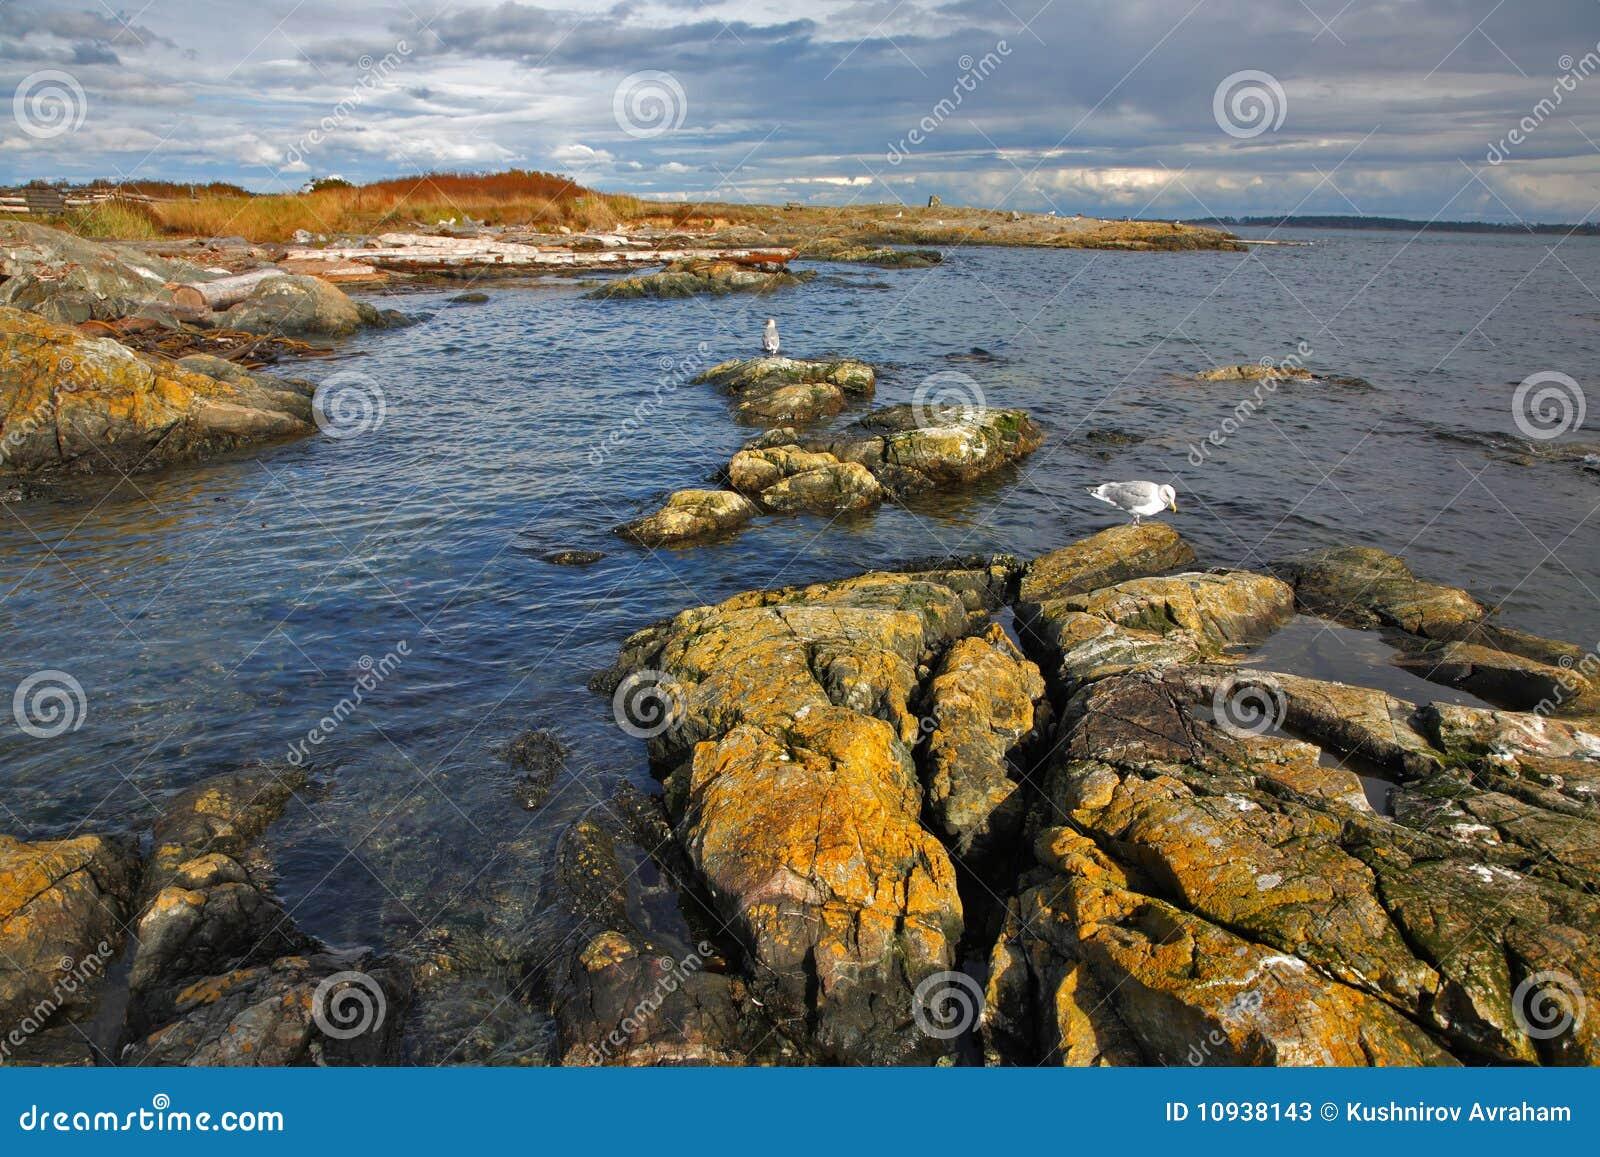 чайки прохода сидят камни